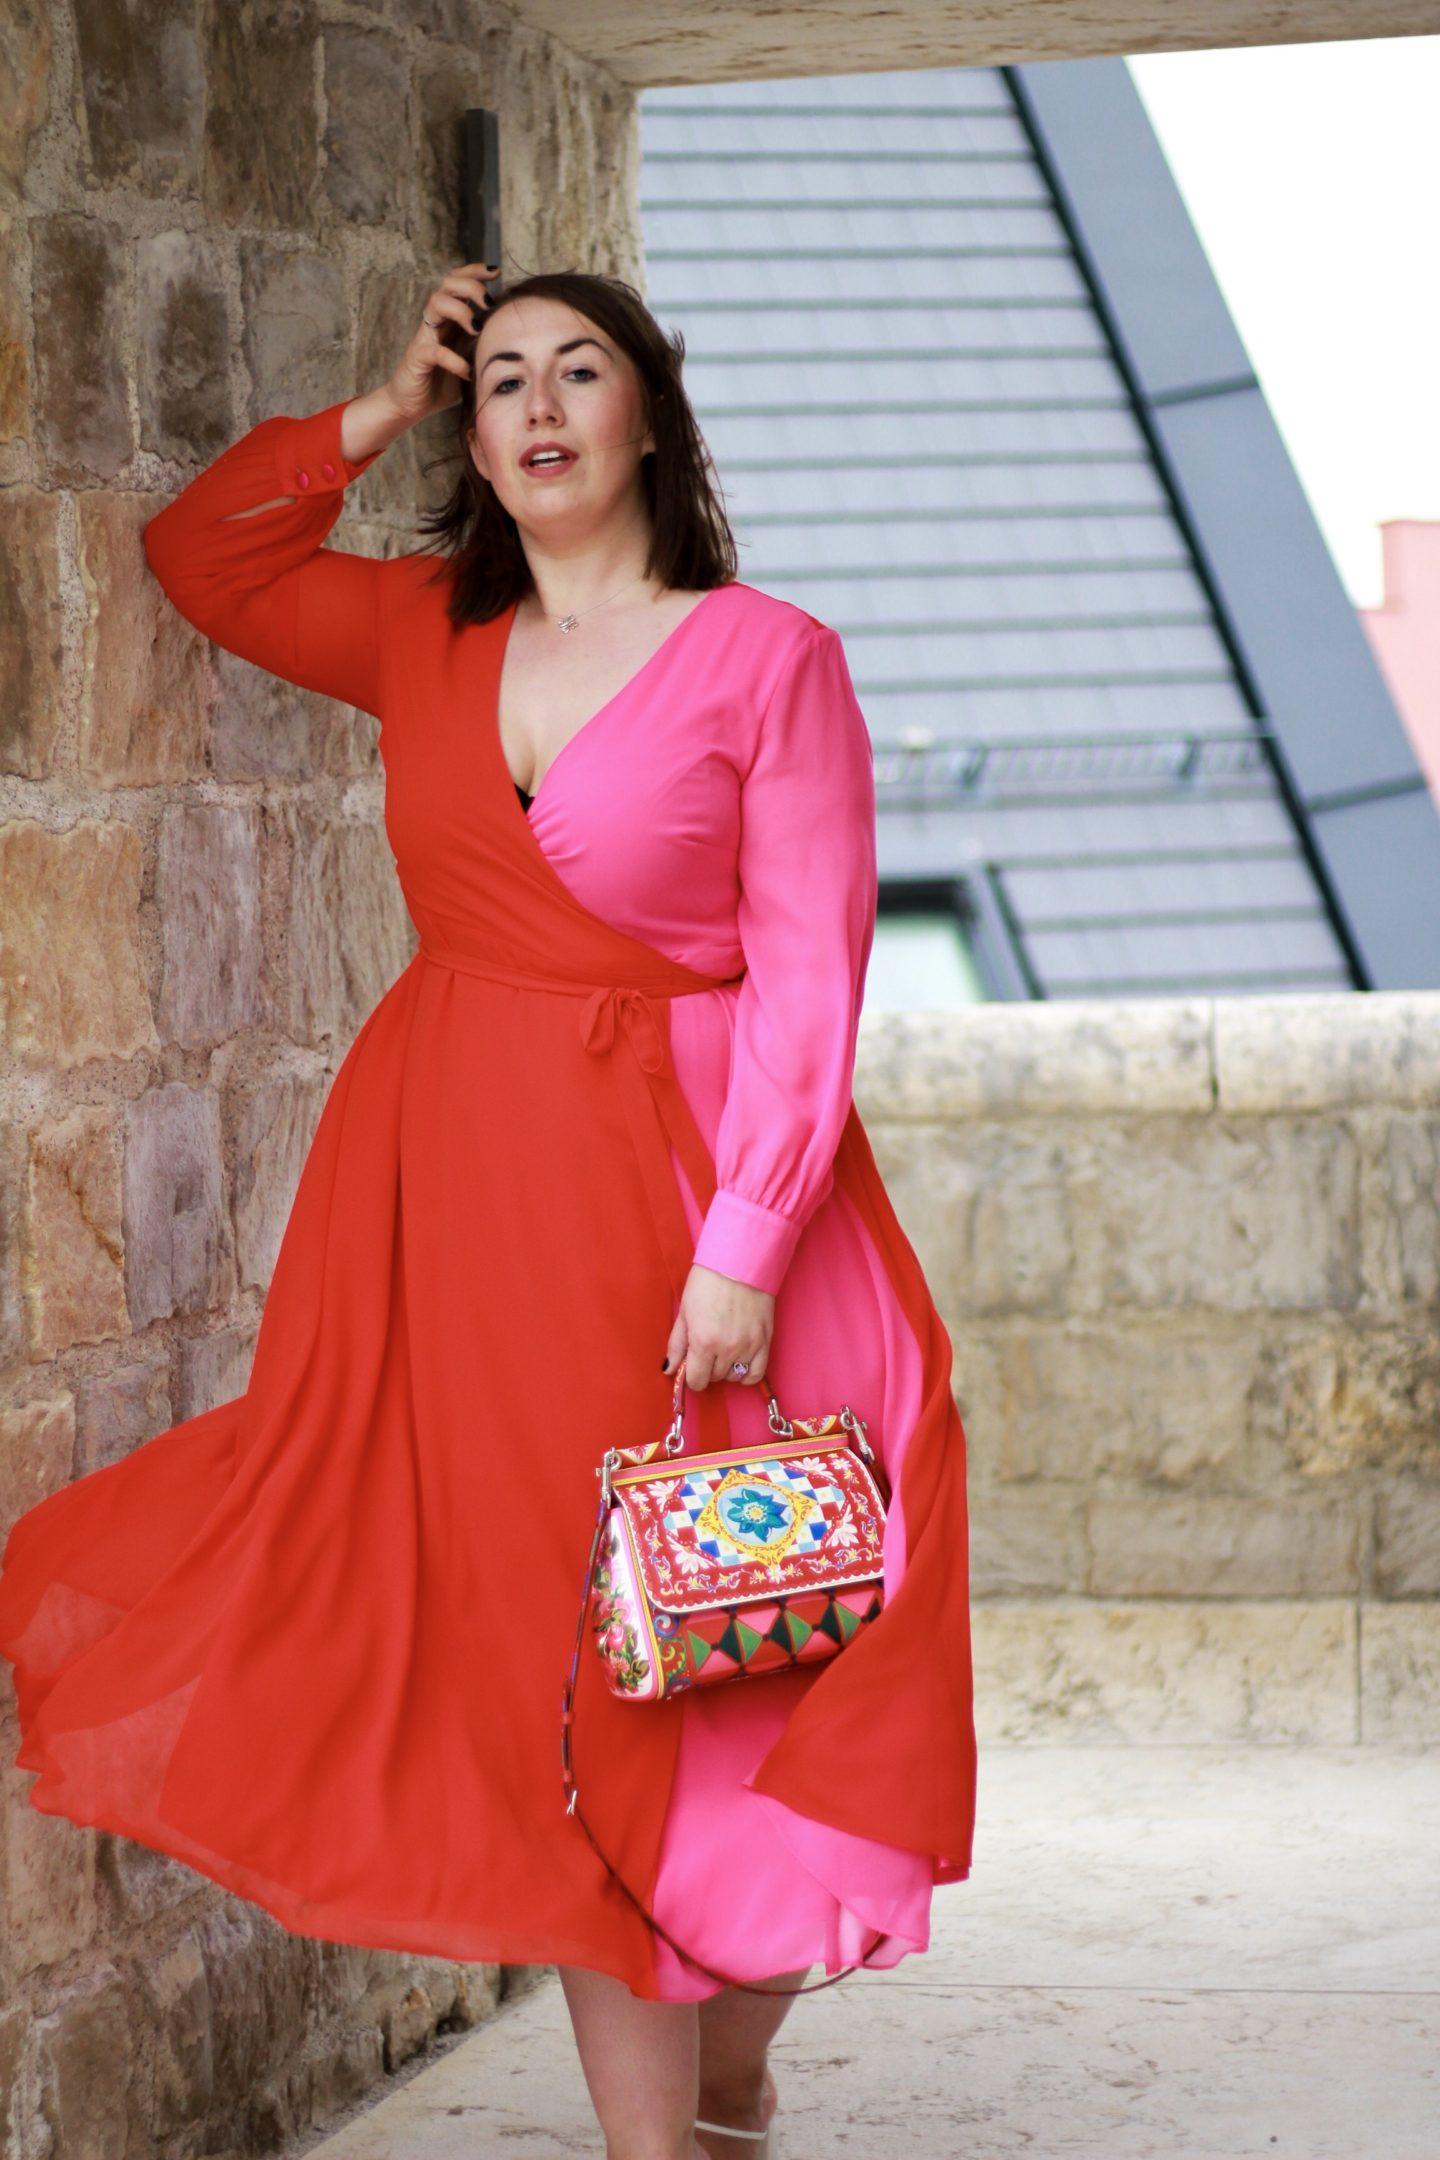 Susanne-Heidebach-Miss-Suzie-Loves-Sheego-Miyabi-Kawai-Wickelkleid-Nachmittagskleid-Blau-Rüschen-Curvy-Plus-Size-Blogger-A-Typ-Maxikleid-Abendkleid-Rot-Pink